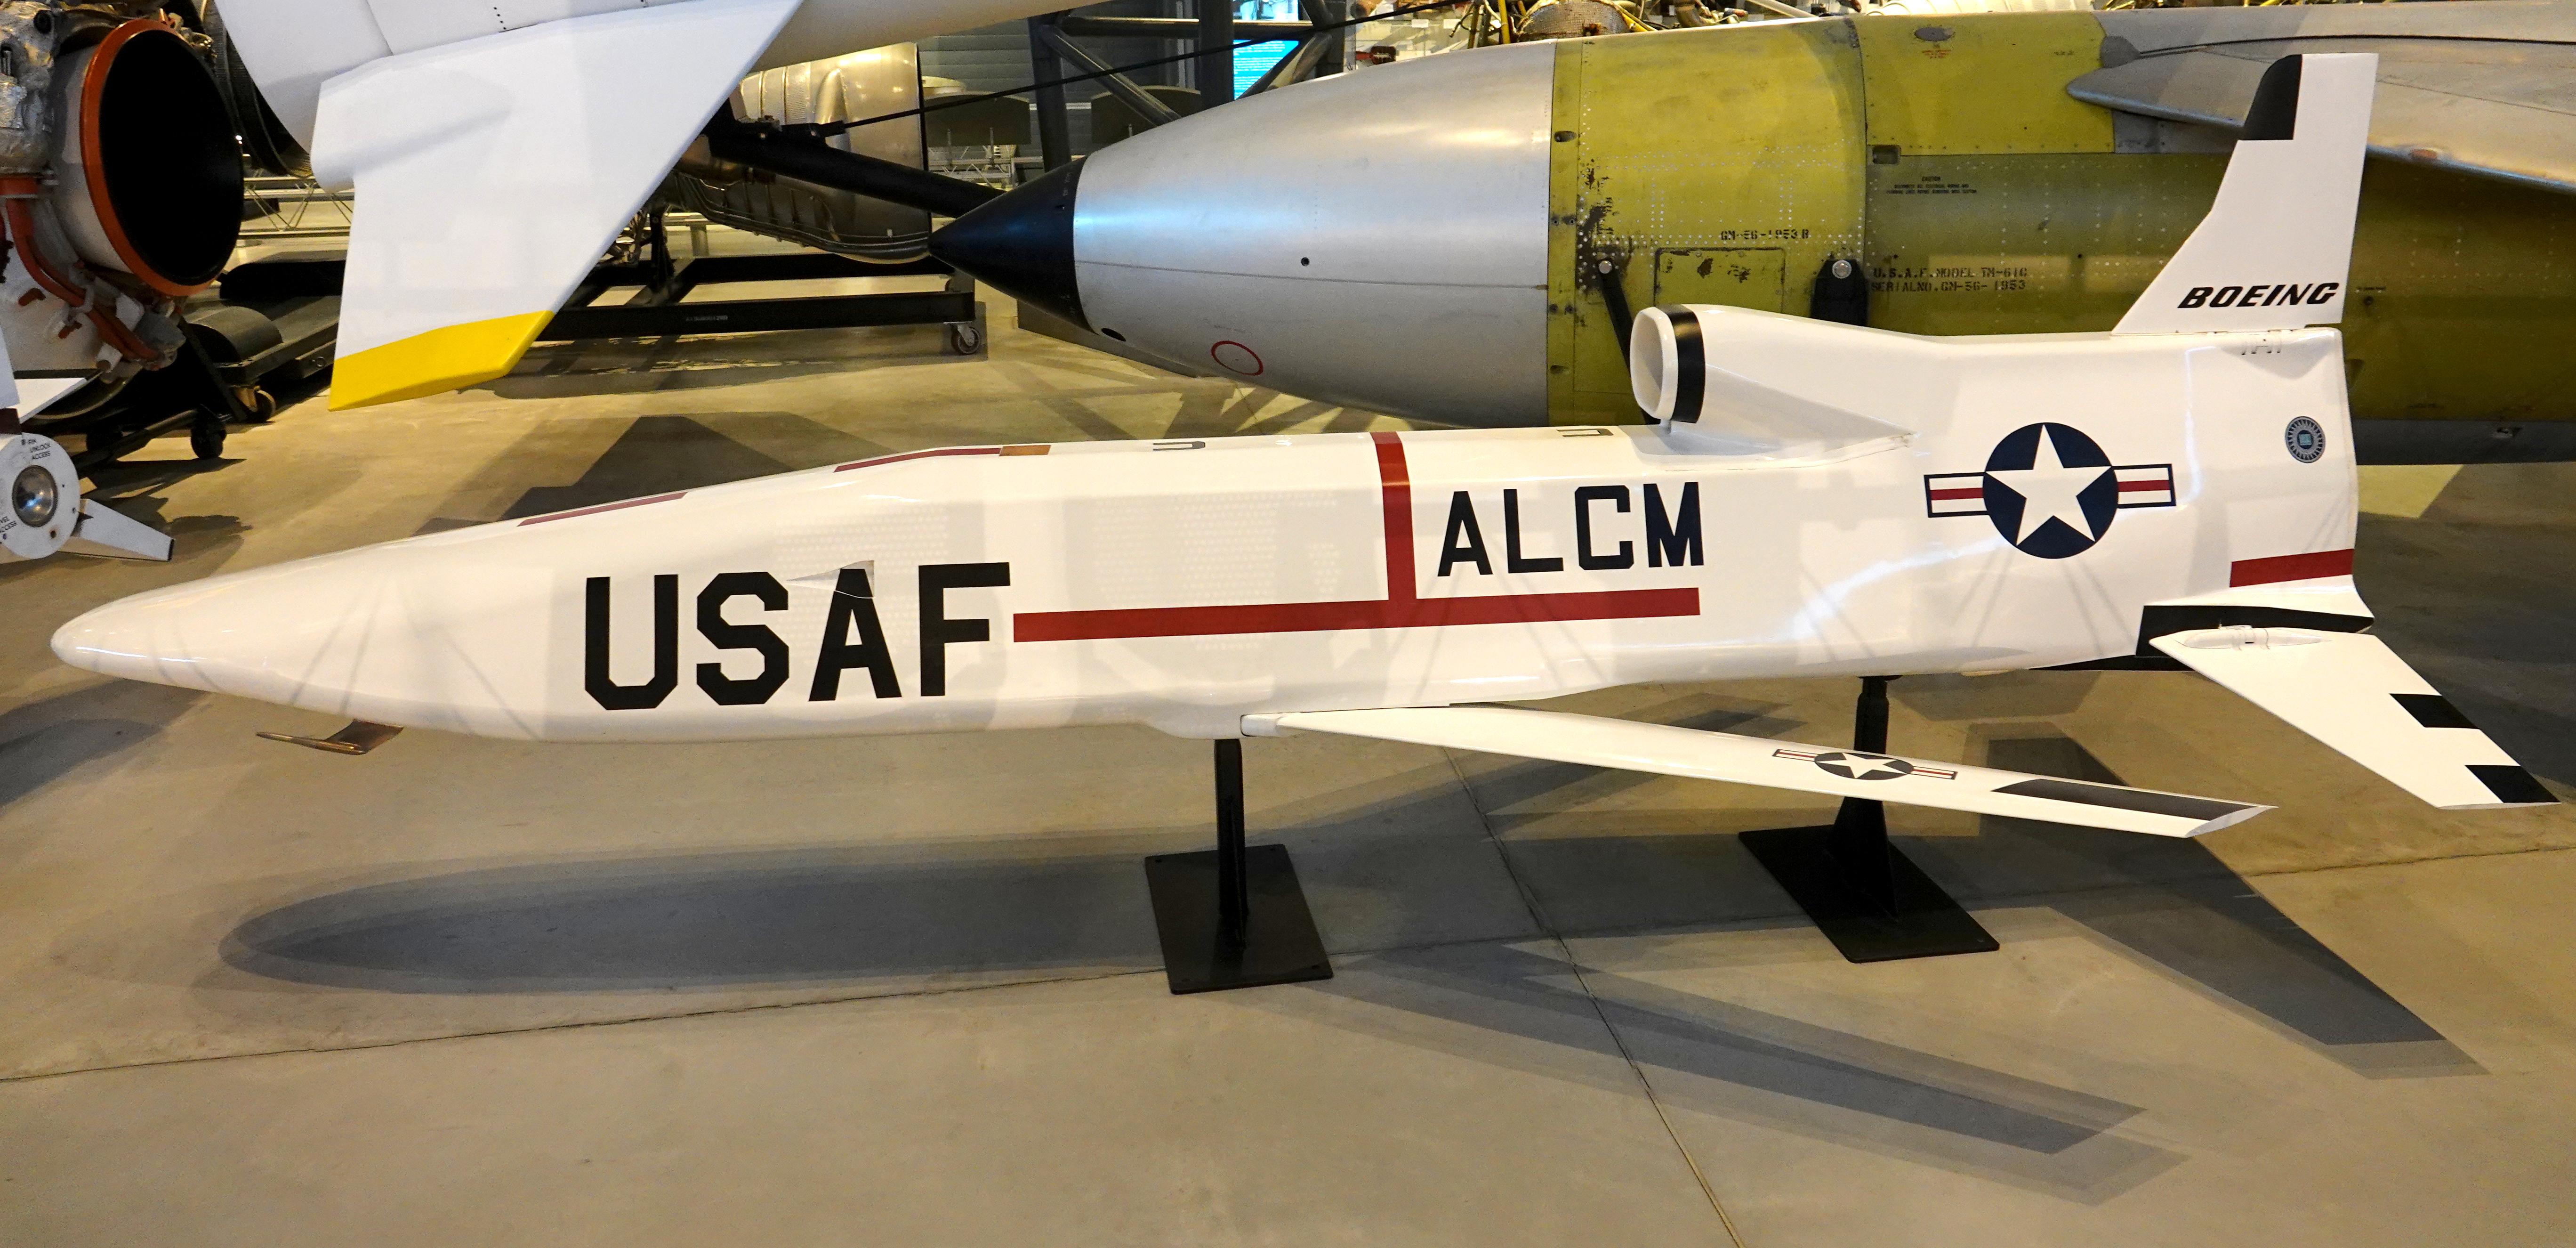 AGM-86 ALCM - Wikipedia